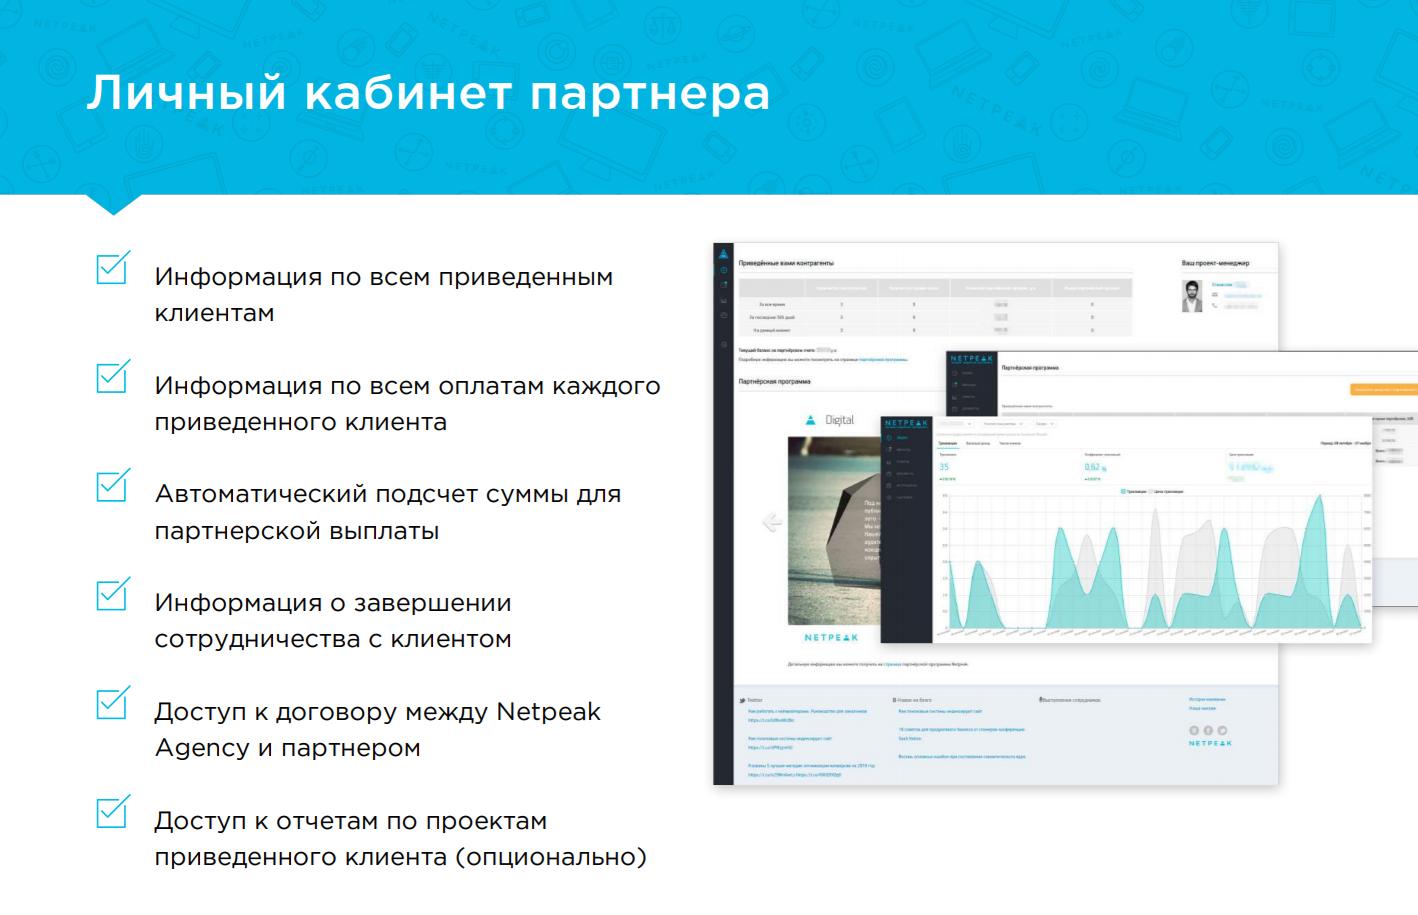 Как стать партнером Netpeak — Netpeak Alliance